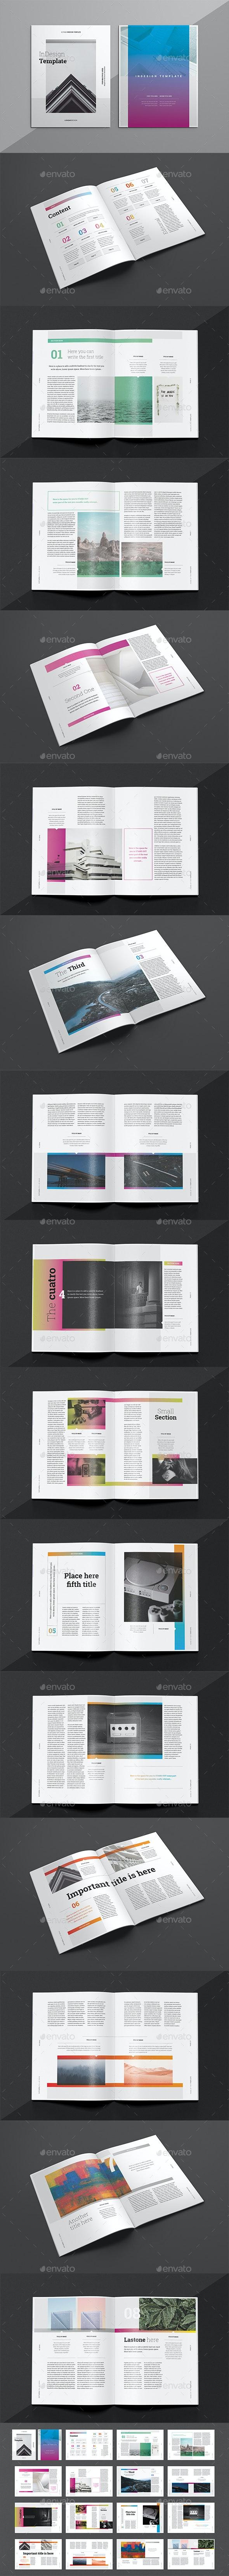 Multipurpose Indesign Magazine Template 8 - Magazines Print Templates